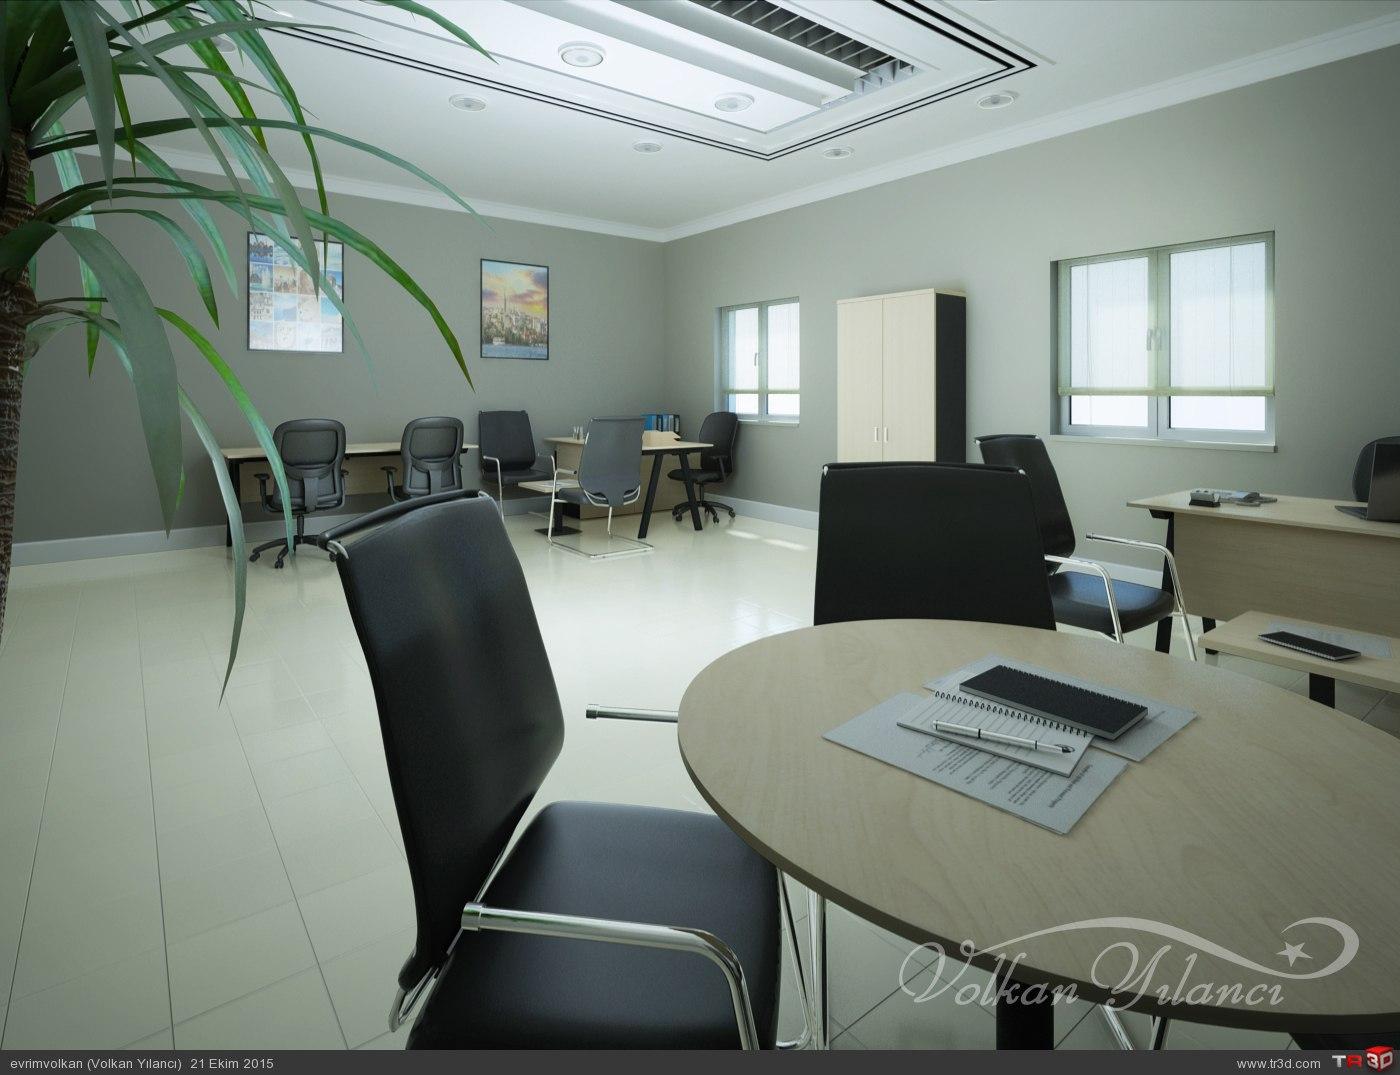 Ofis görselleştirme çalışması 1